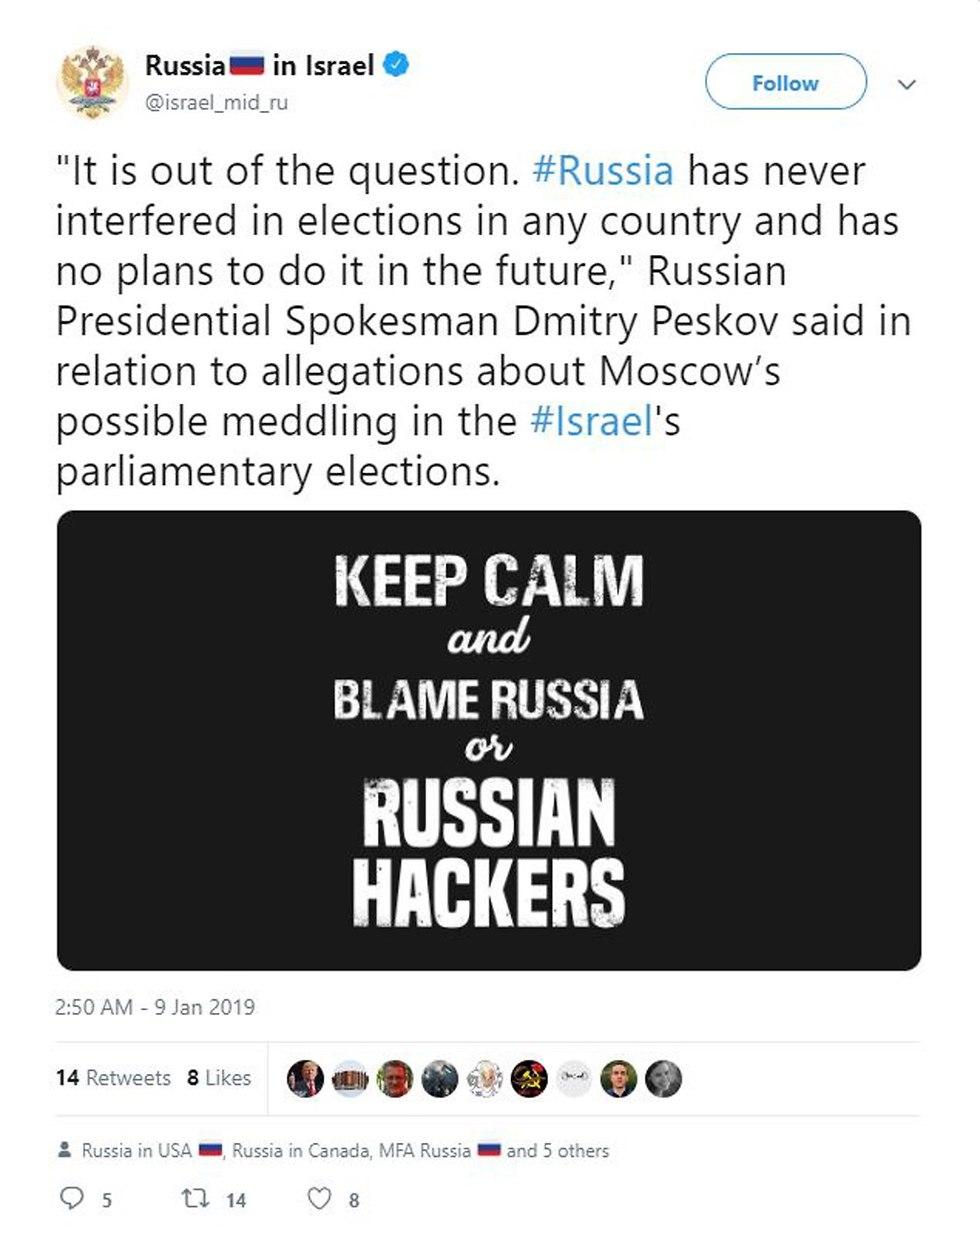 הציוץ של שגרירות רוסיה בישראל ()